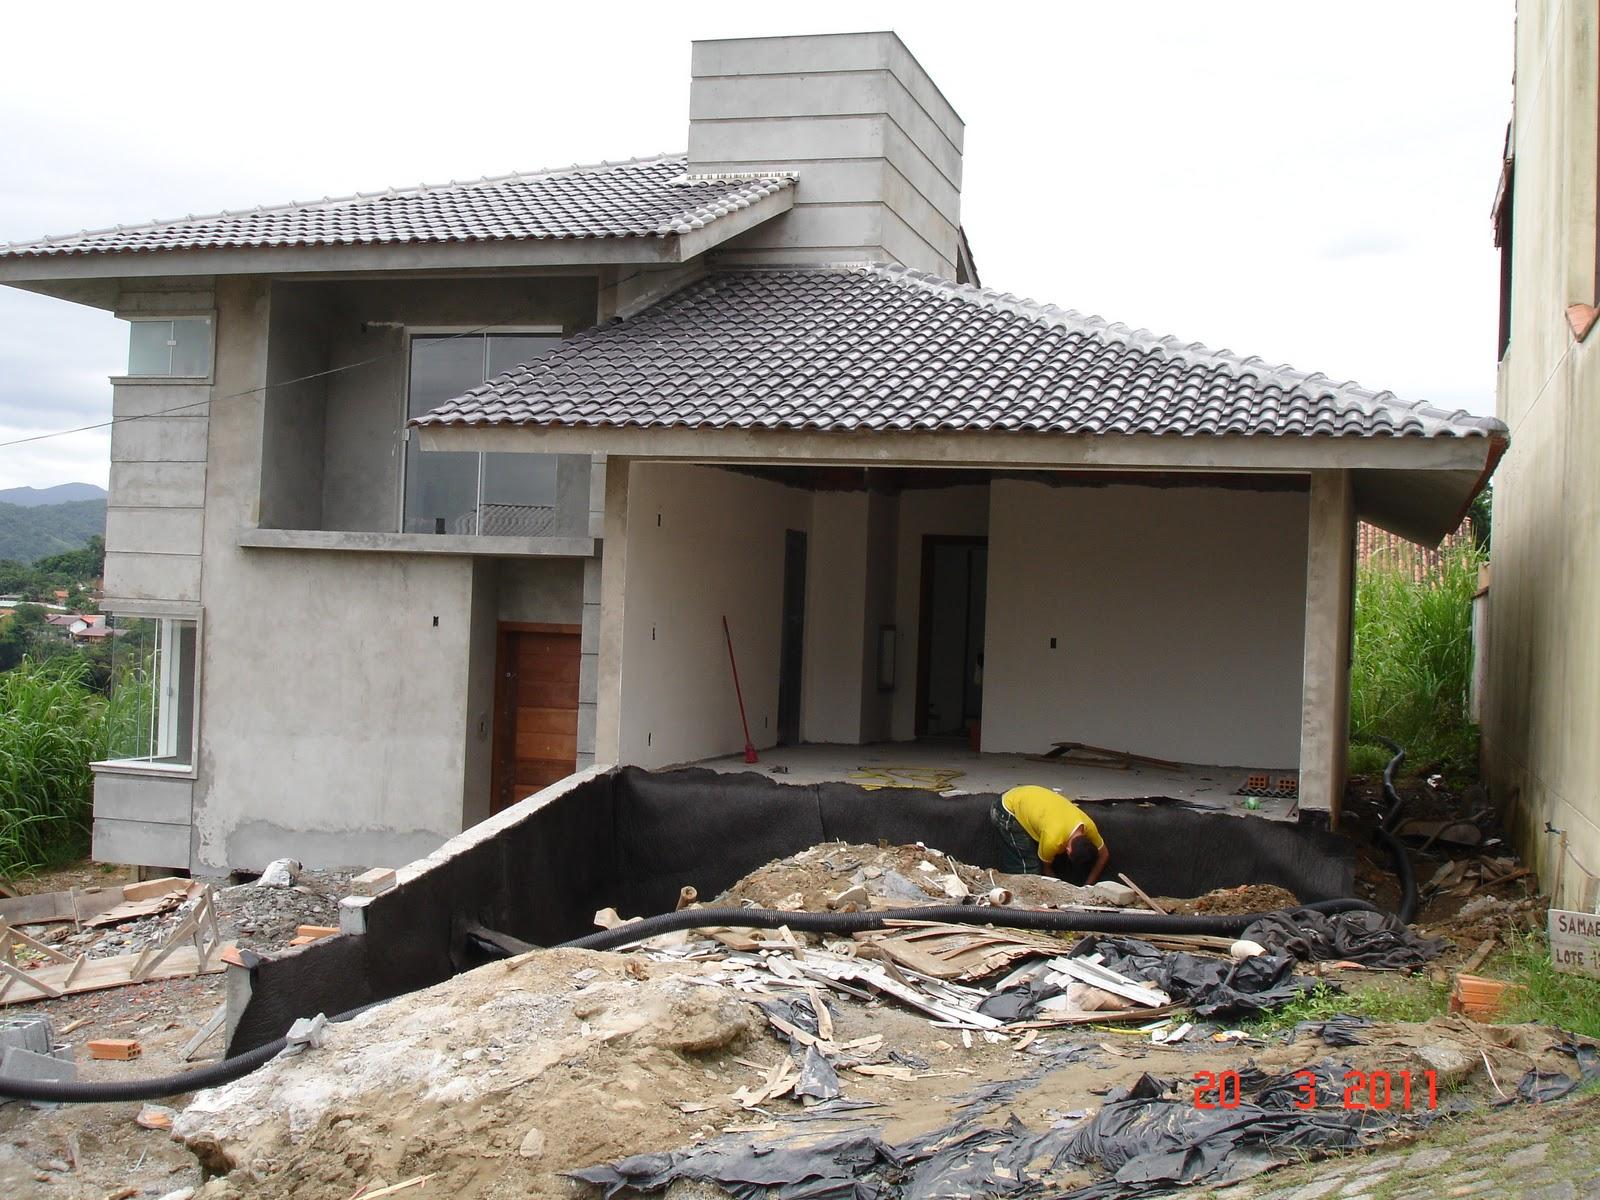 Nossa Casa no Site Construção da fundação ao acabamento: Março  #49632F 1600 1200